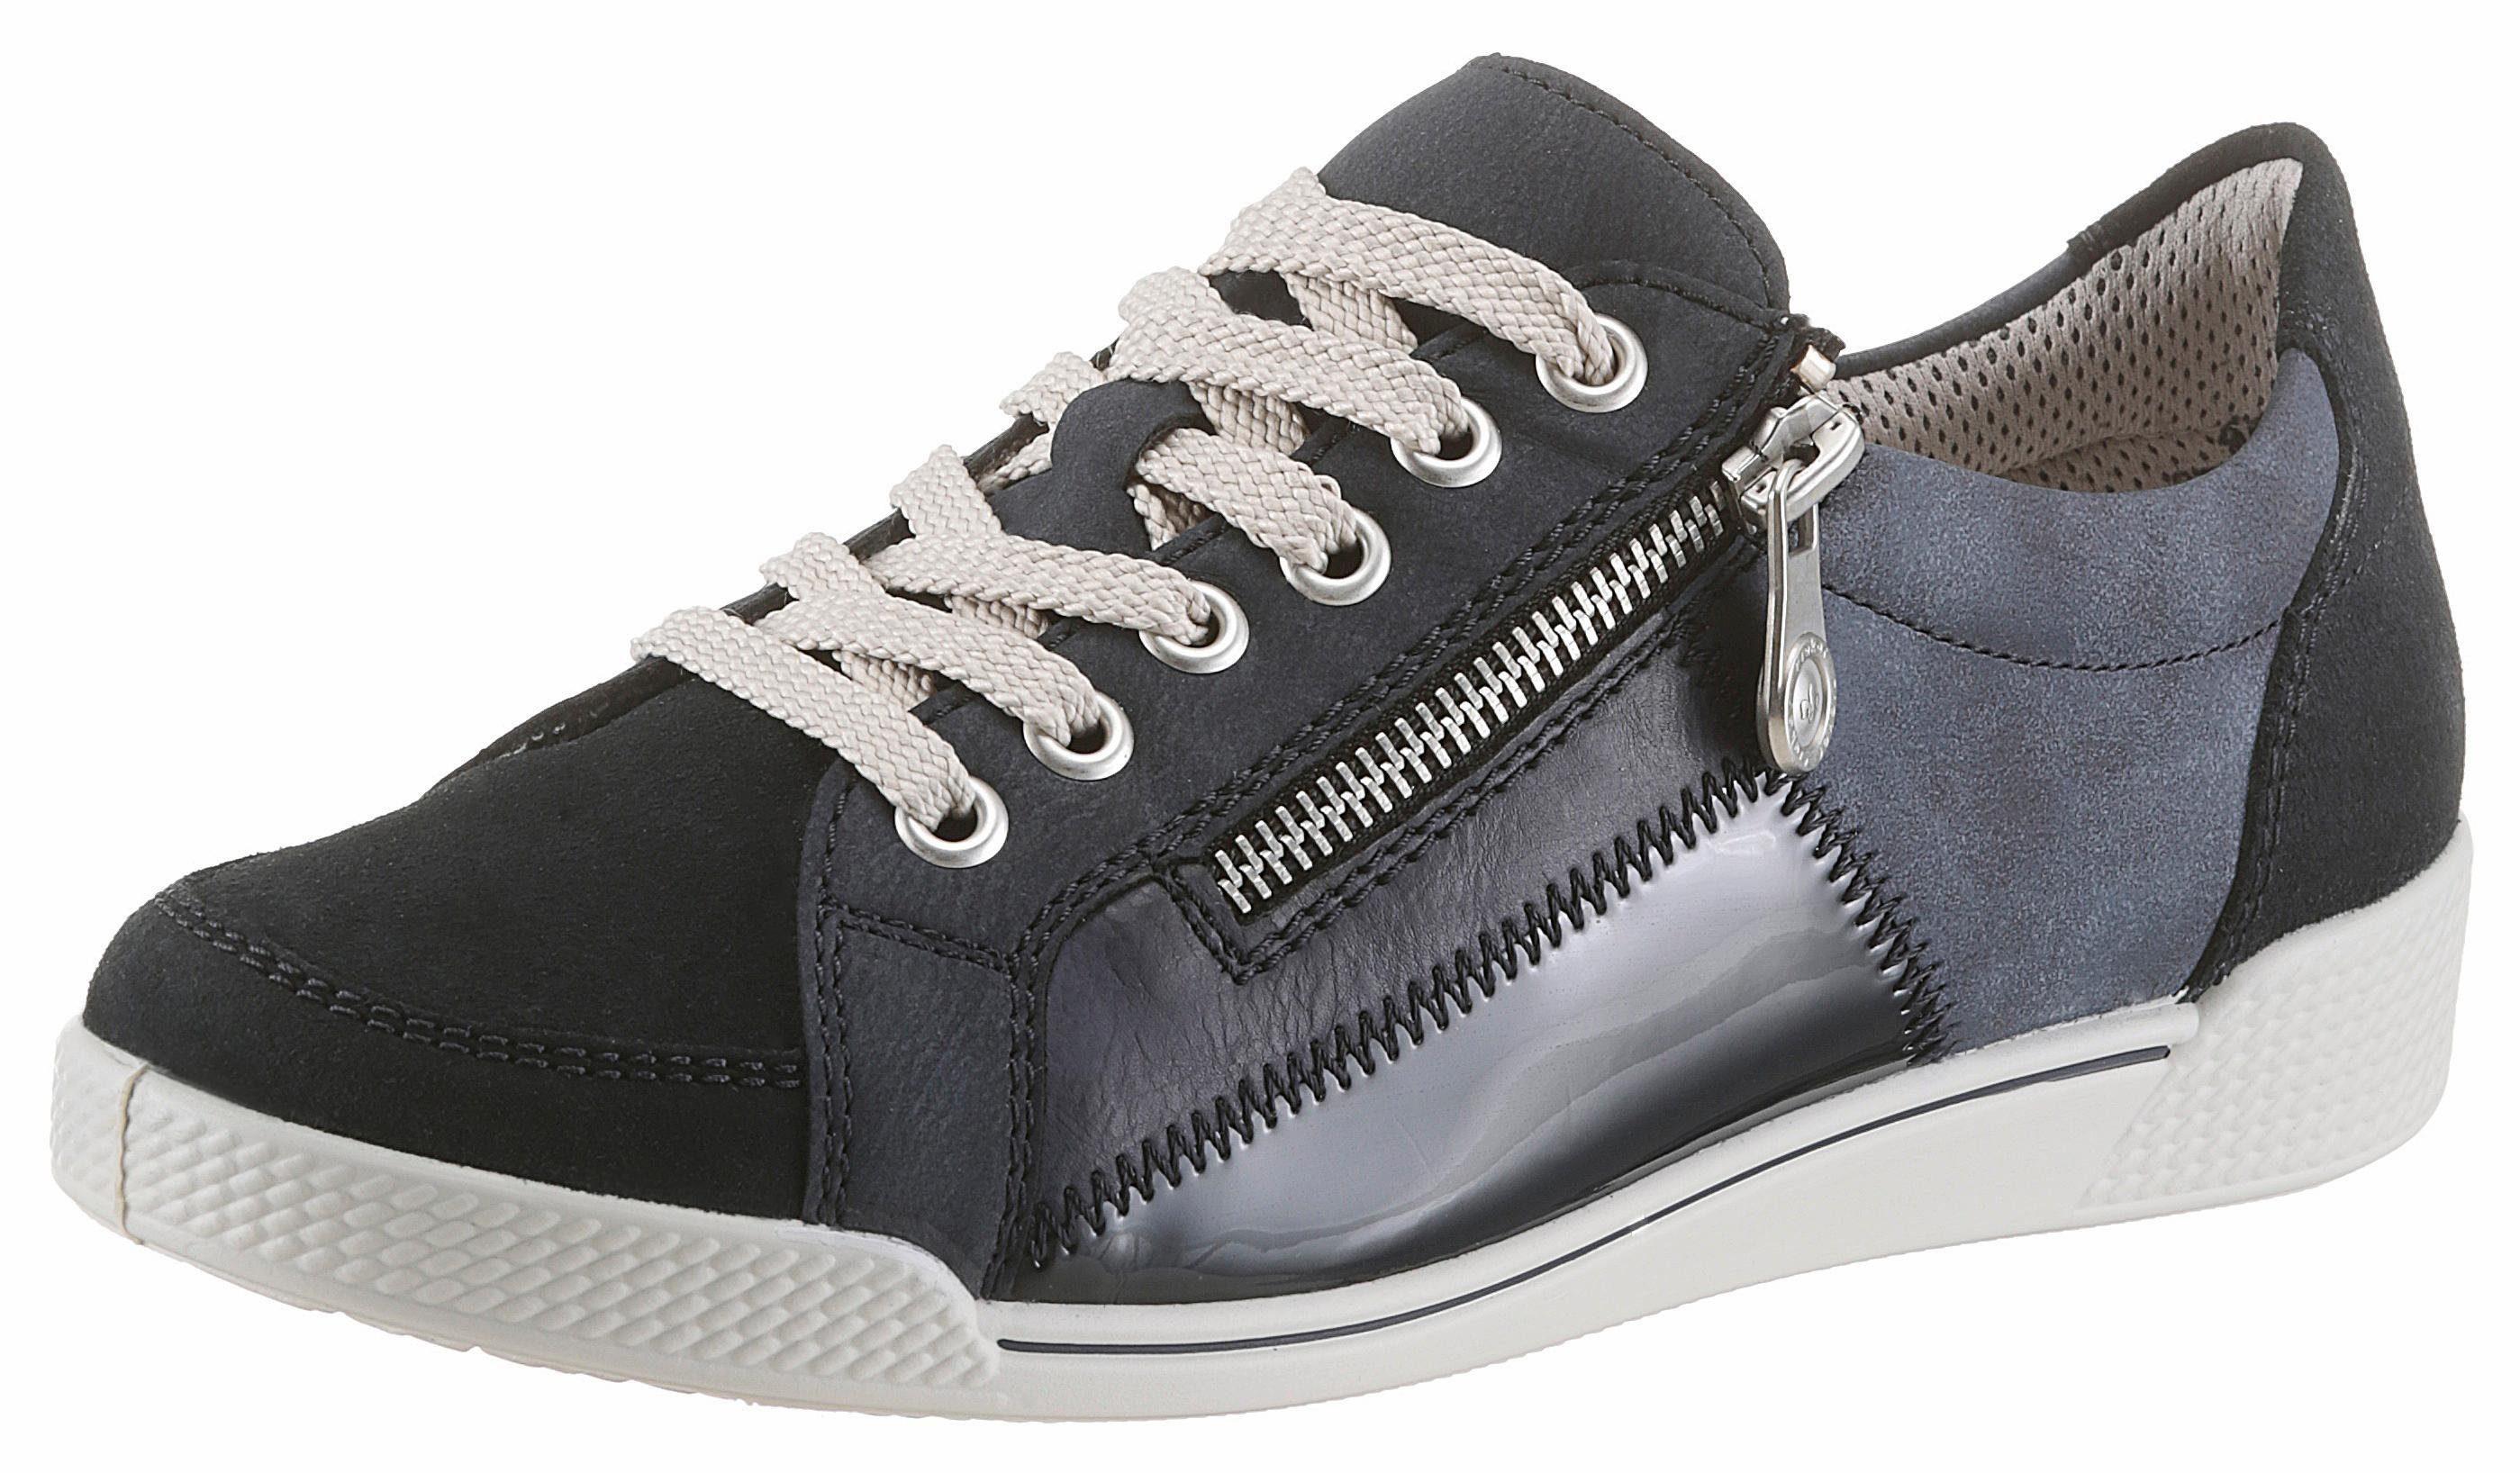 Rieker Sneaker mit herausnehmbarer Lederinnensohle